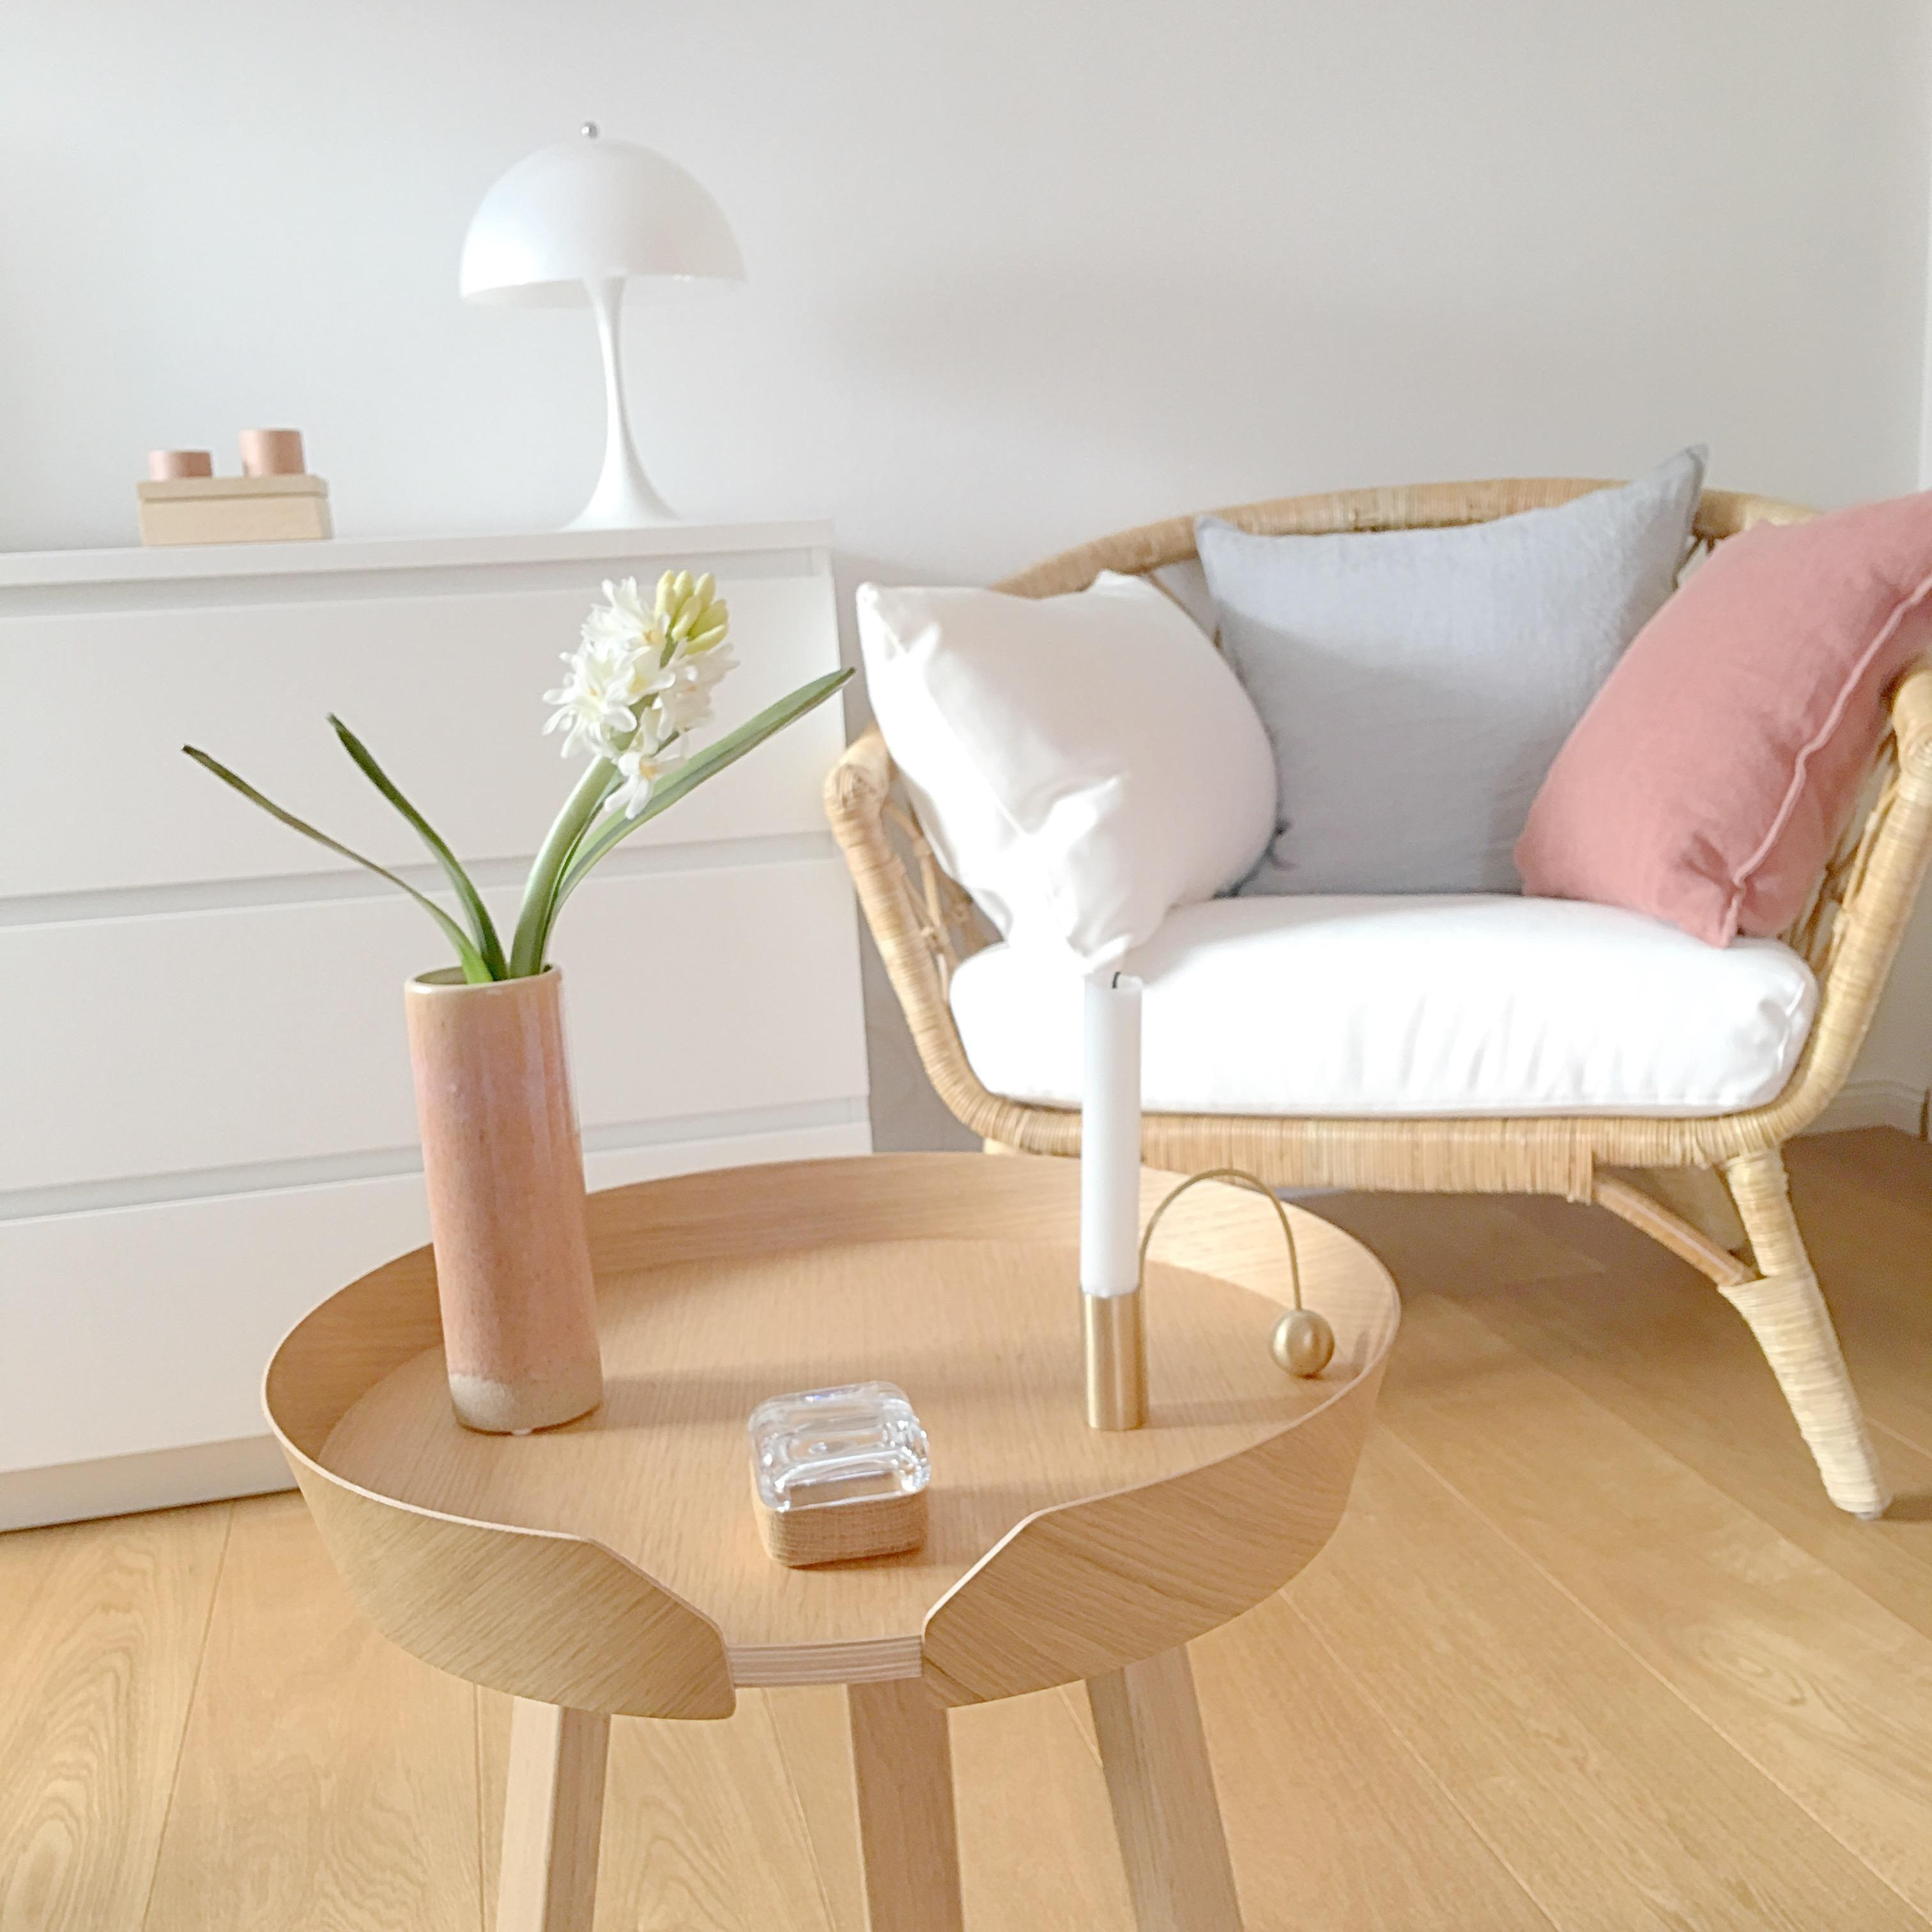 Beistelltisch bilder ideen couchstyle for Beistelltisch skandinavisch